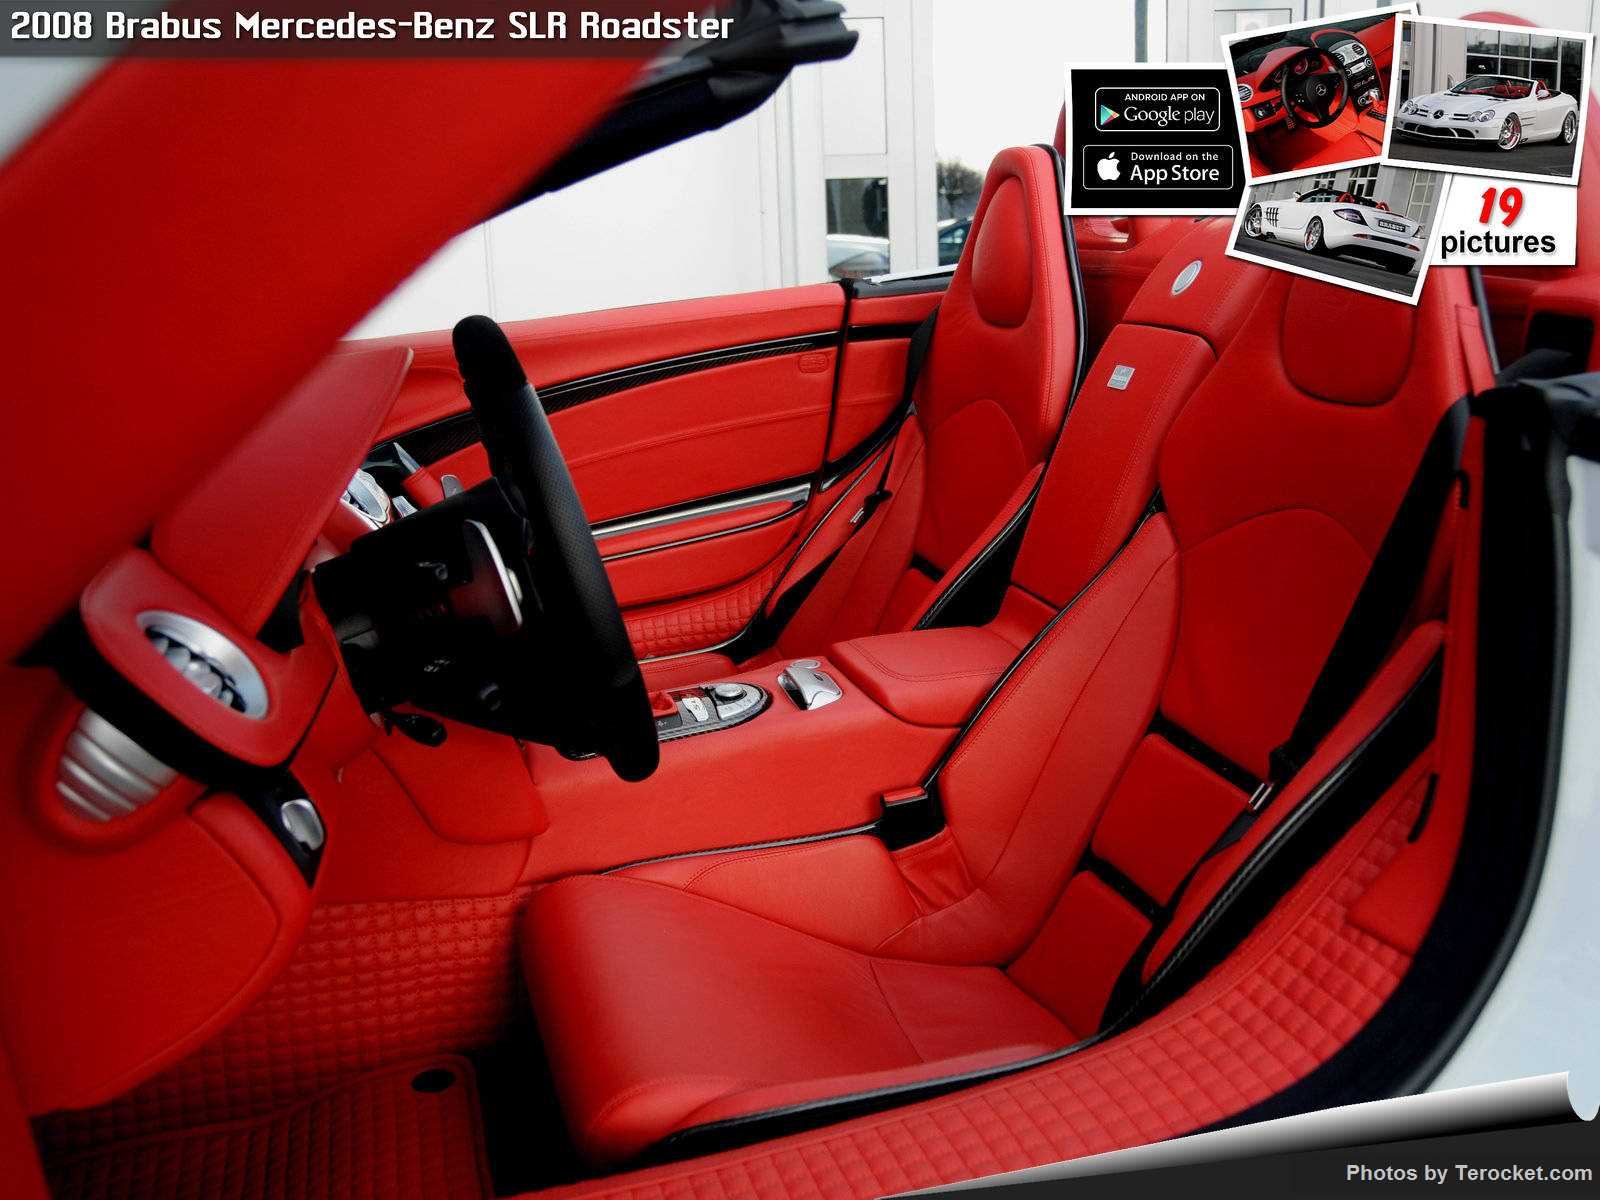 Hình ảnh xe ô tô Brabus Mercedes-Benz SLR Roadster 2008 & nội ngoại thất